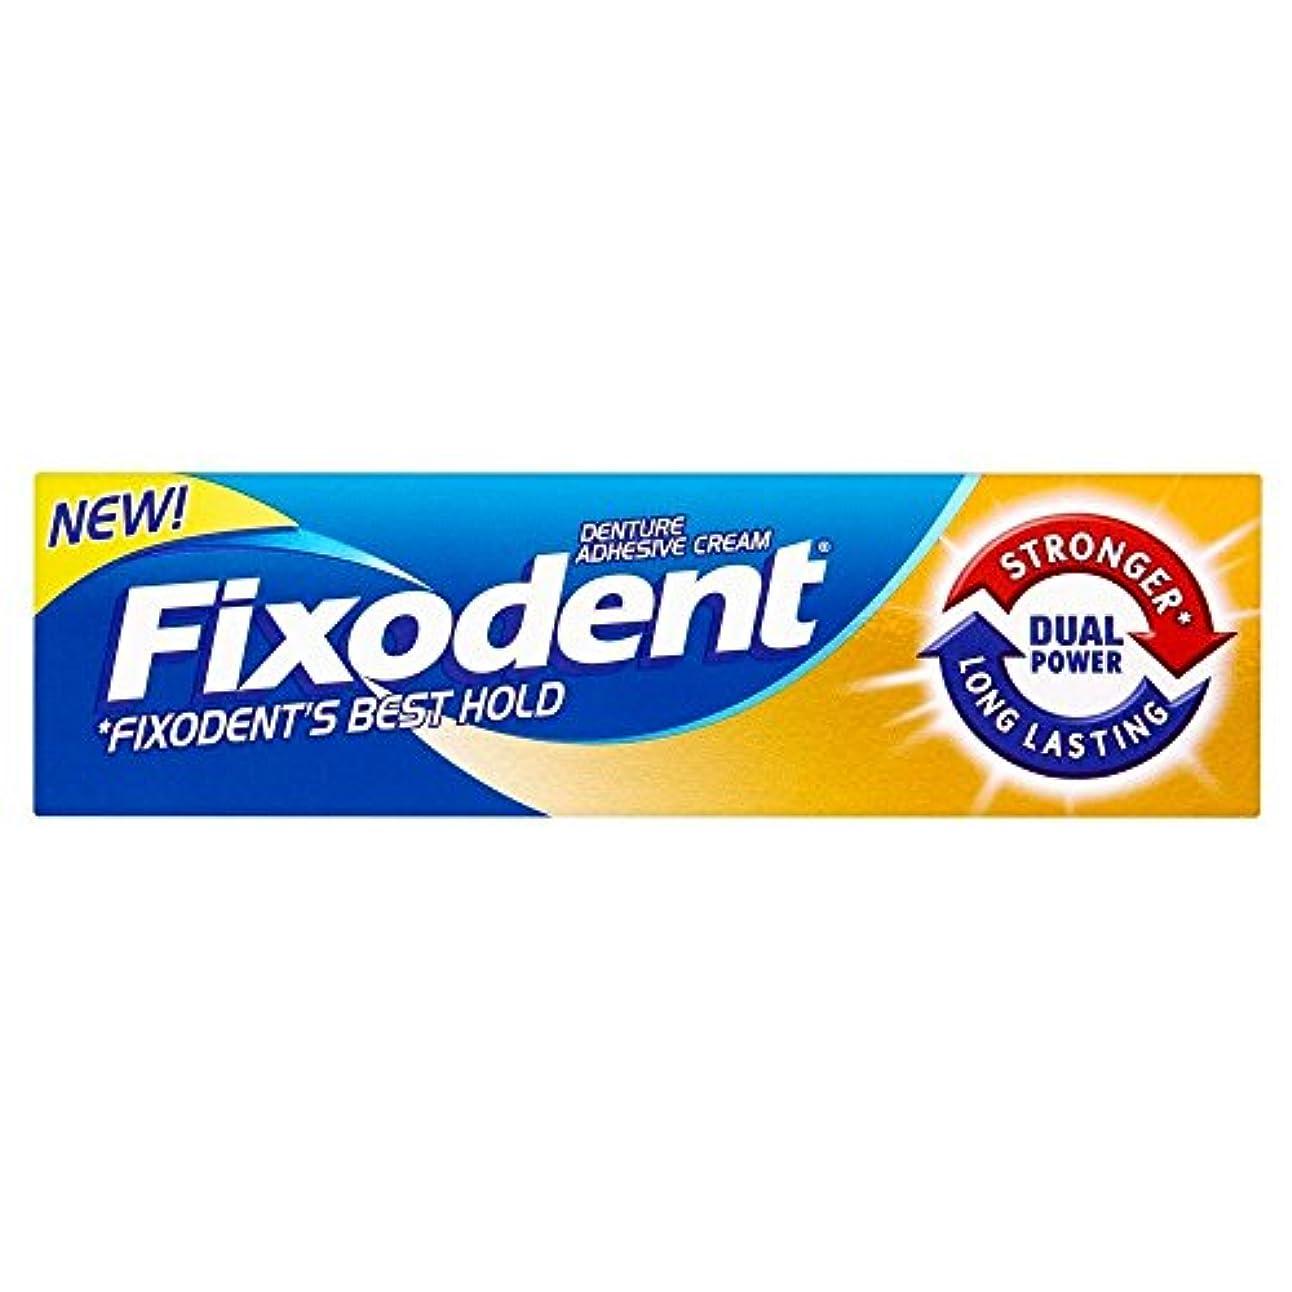 焦がす眠いです造船Fixodent Denture Adhesive Cream Dual Power (35ml) Fixodent義歯接着剤クリームデュアルパワー( 35ミリリットル) [並行輸入品]